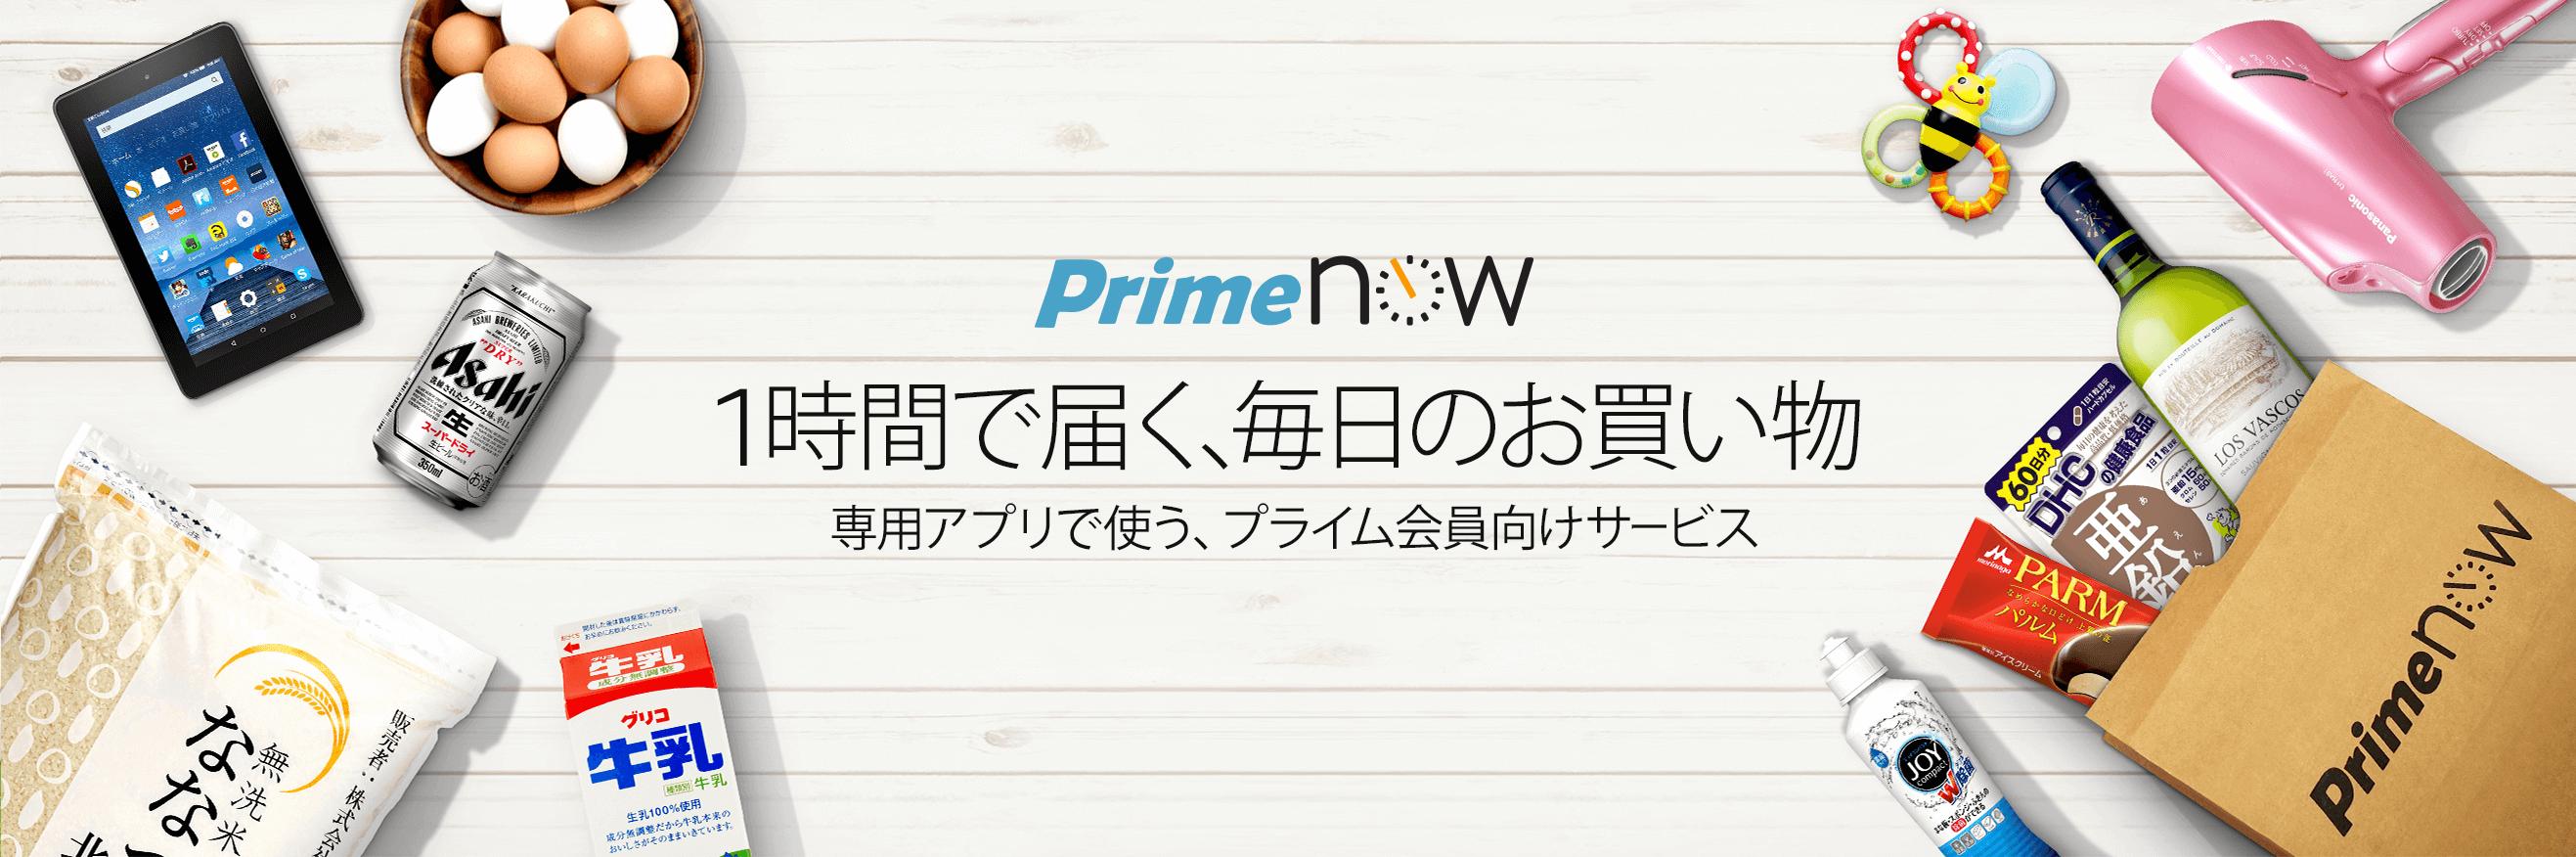 もう急ぎの買い物だって外出不要?!注文から僅か1時間で届くAmazonの「プライムナウ」がすごい。